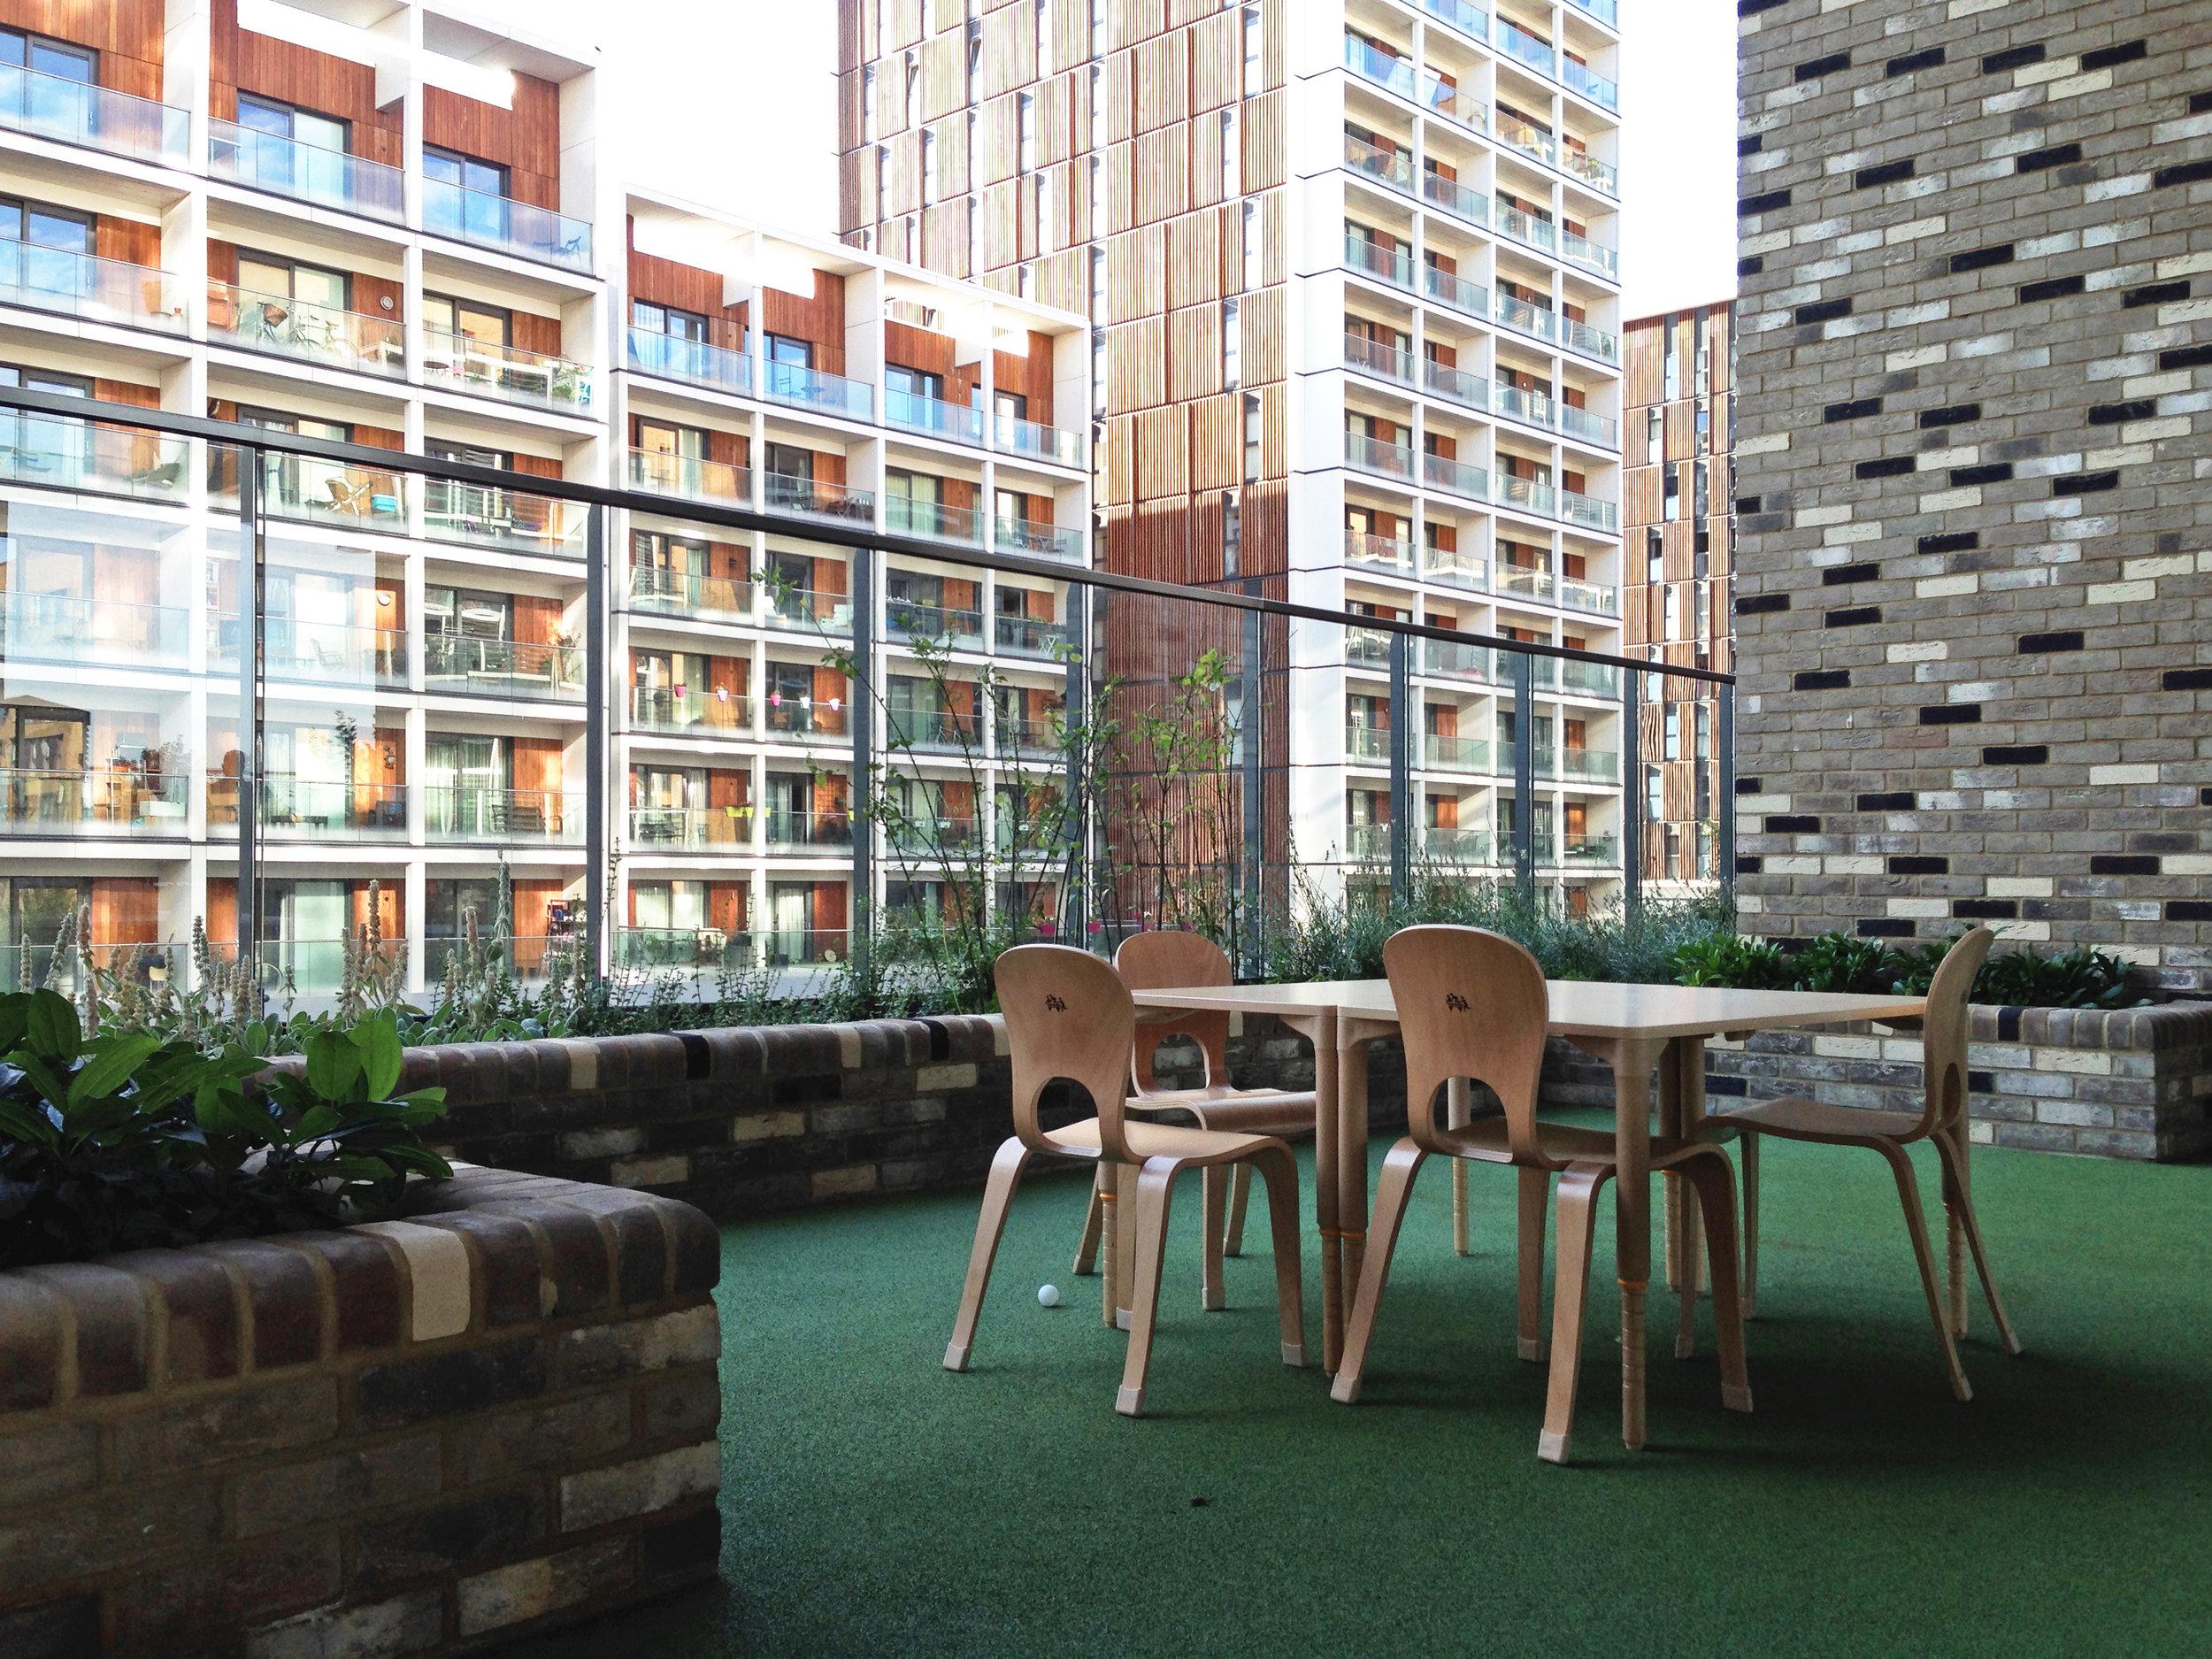 (JF) Second floor / deck level outdoor class rooms